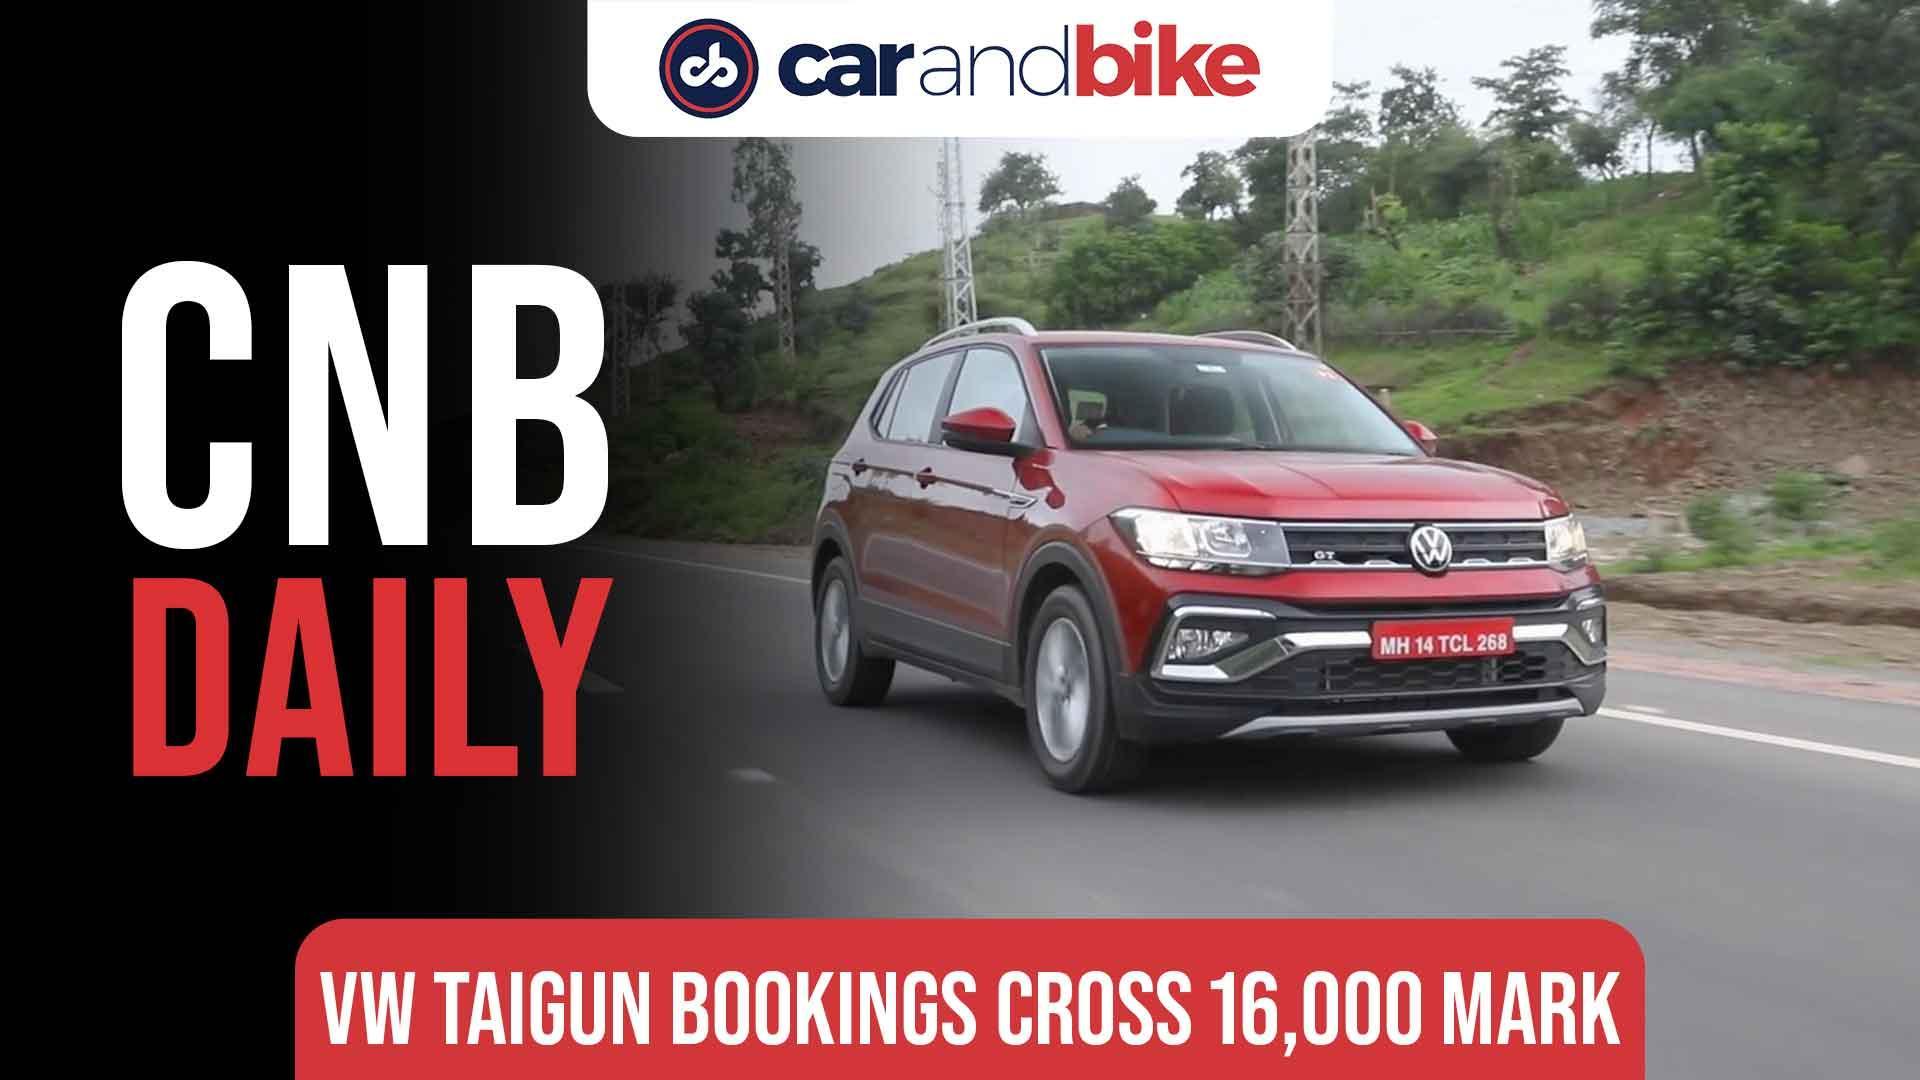 Volkswagen Taigun bookings cross 16,000 mark